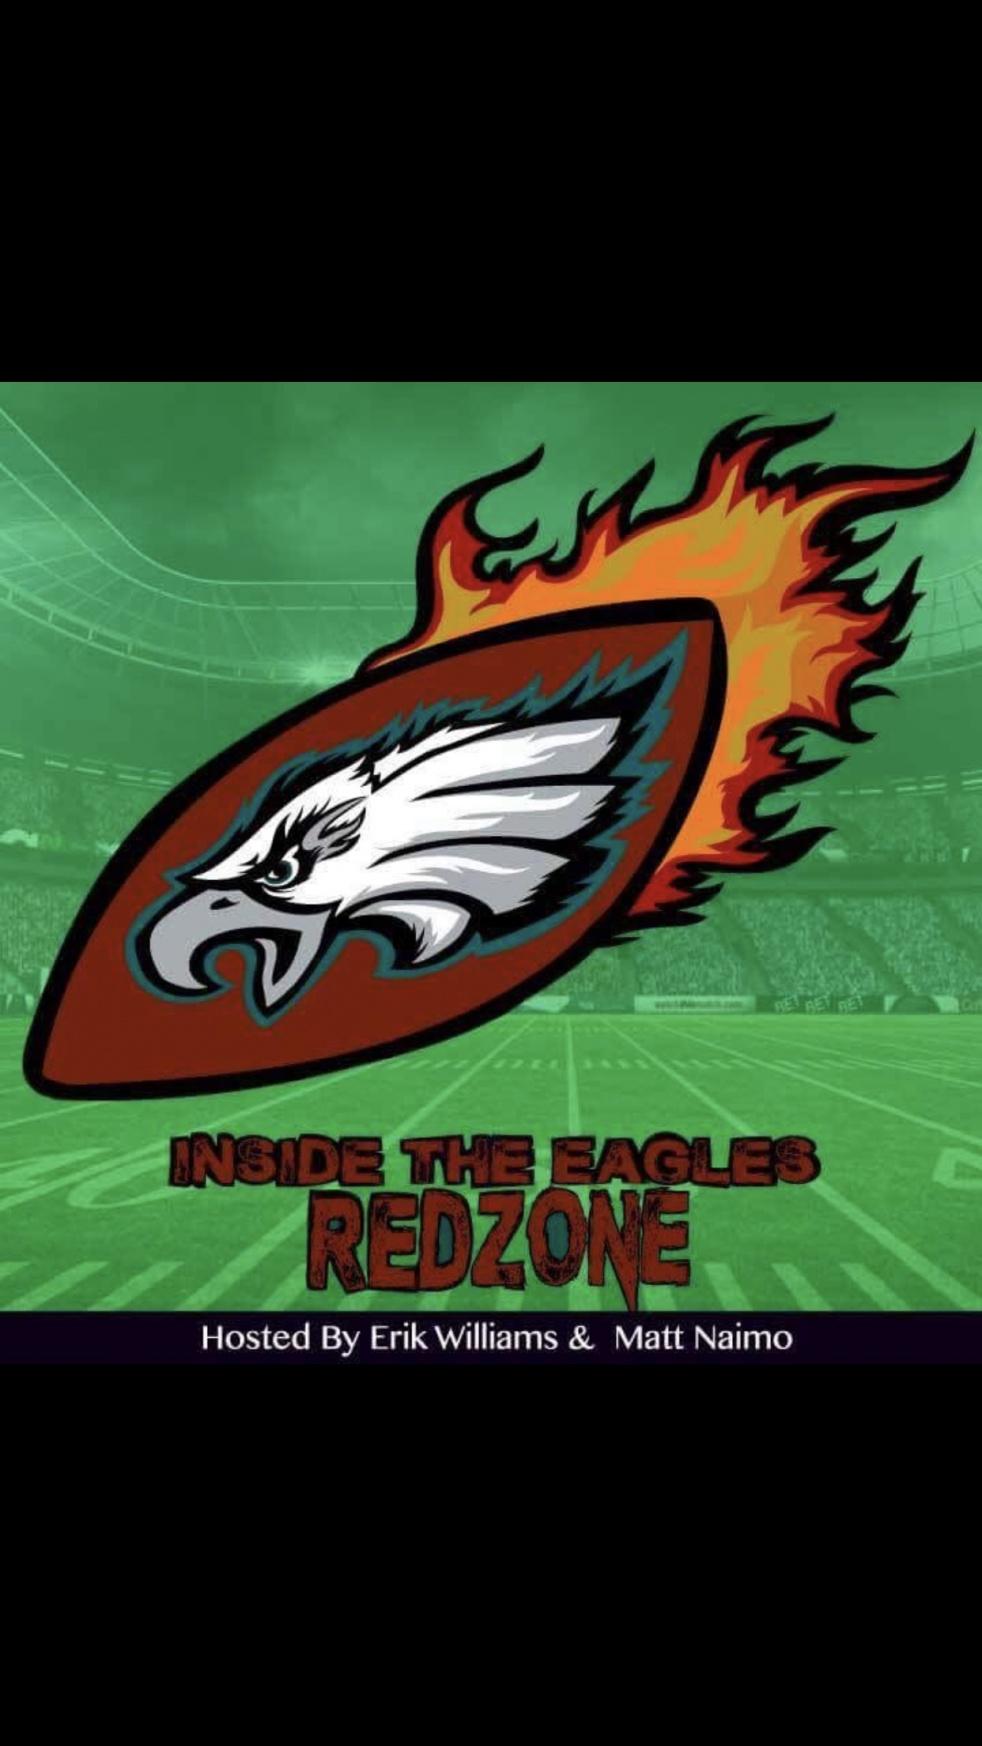 Inside The Eagles RedZone - immagine di copertina dello show